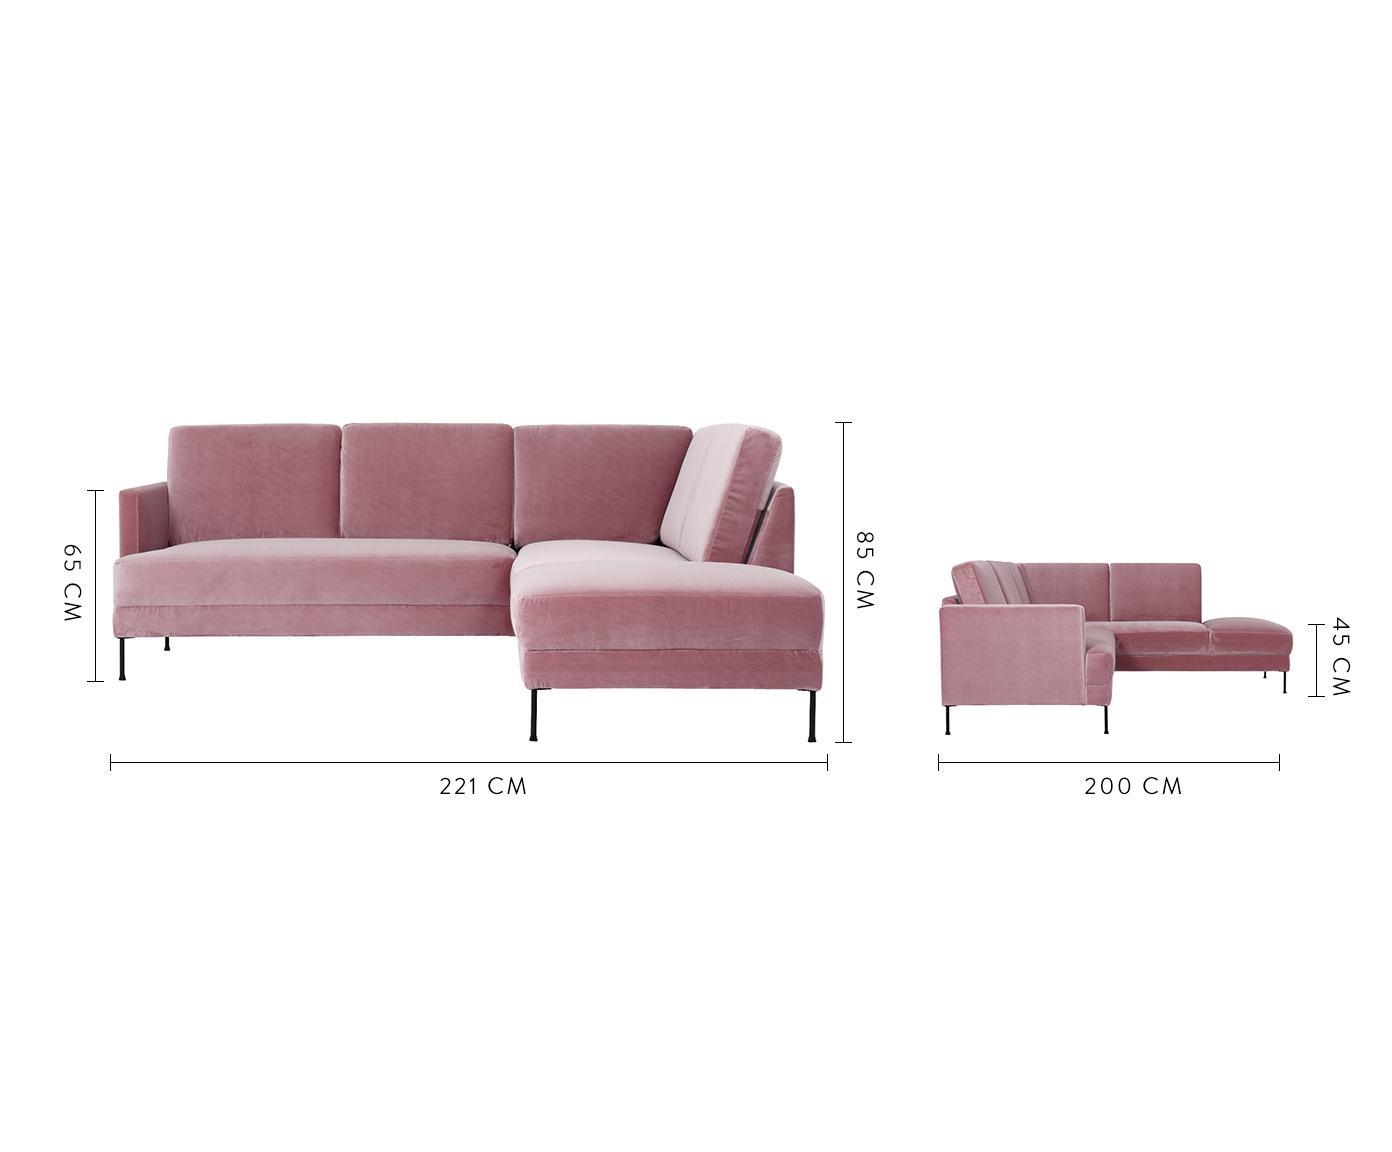 Divano angolare in velluto rosa Fluente, Rivestimento: velluto (copertura in pol, Struttura: legno di pino massiccio, Piedini: metallo verniciato, Velluto rosa, Larg. 221 x Prof. 200 cm